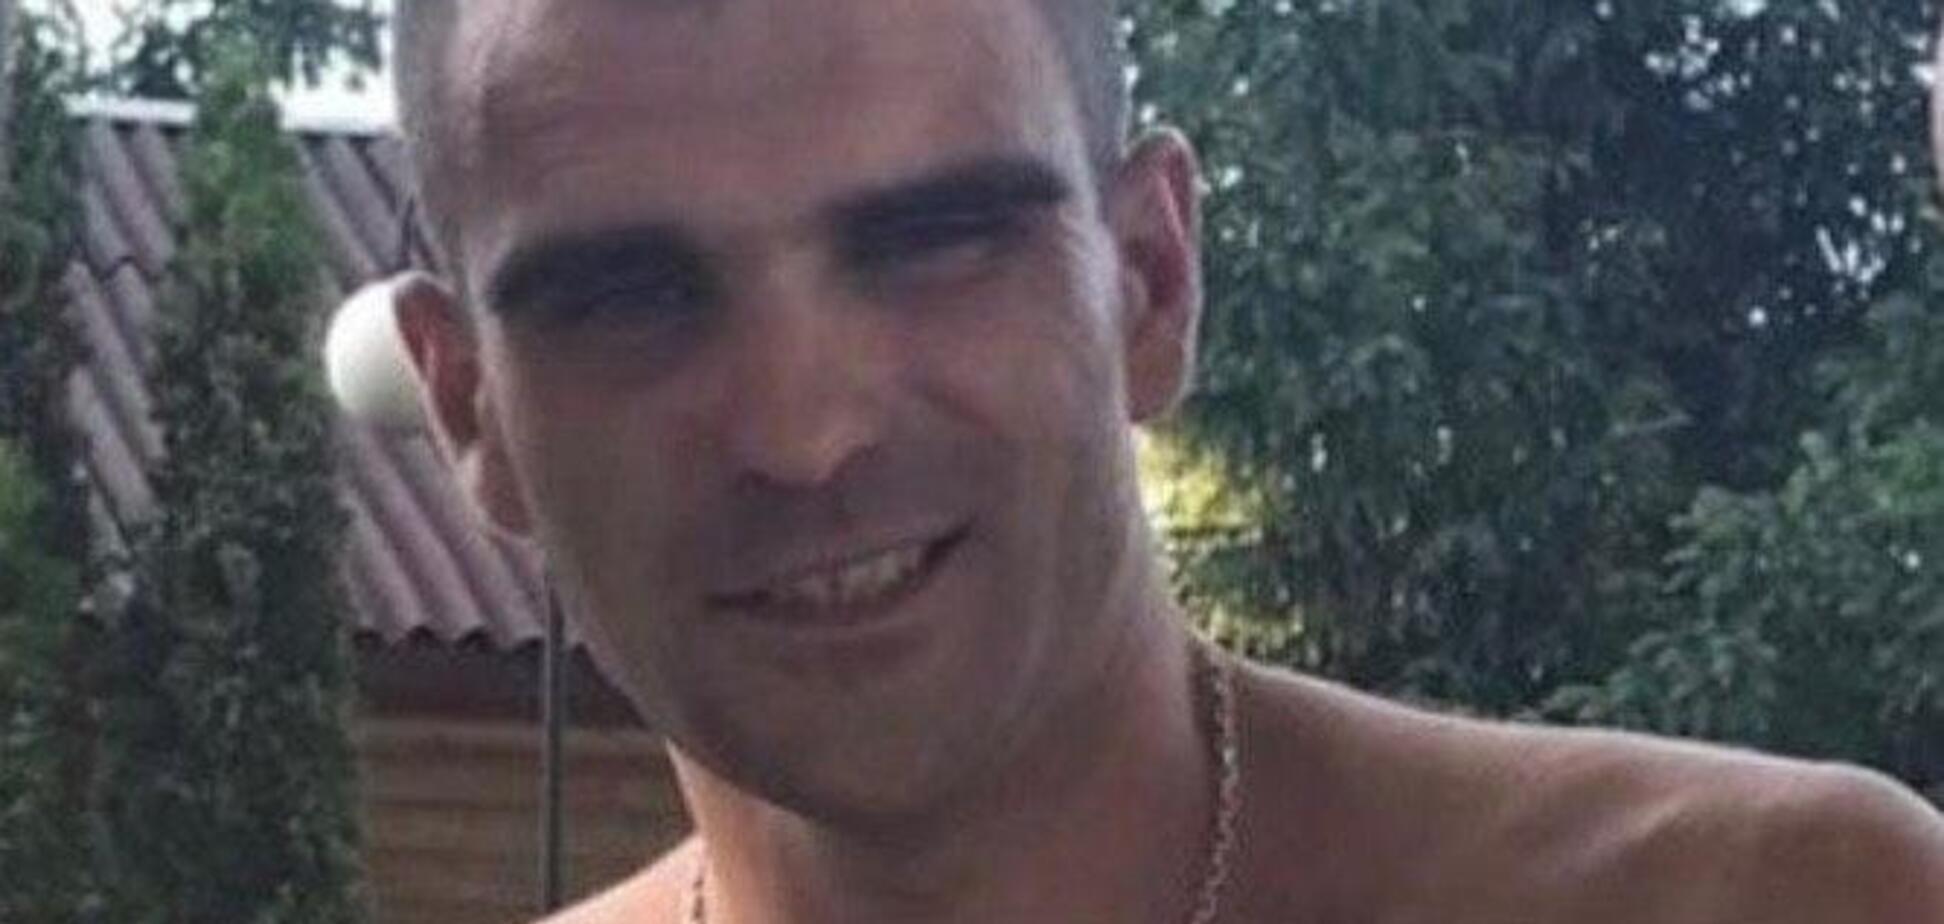 Ґвалтівник по-звірячому побитого 17-річного хлопця в Харкові виправдався за свої дії